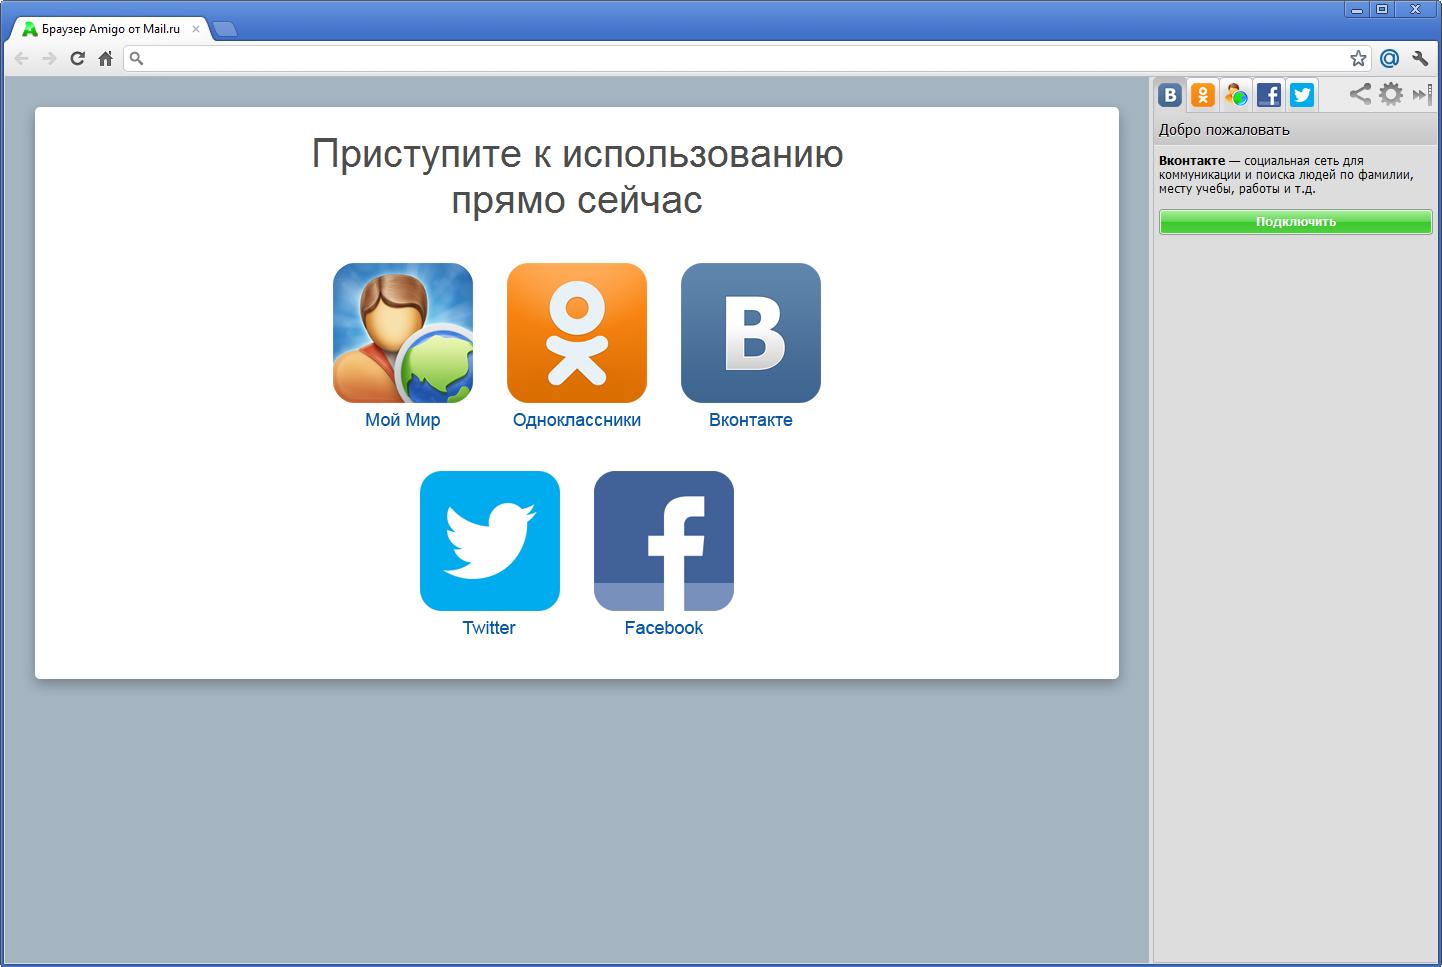 Скачать амиго бесплатно на компьютер на русском